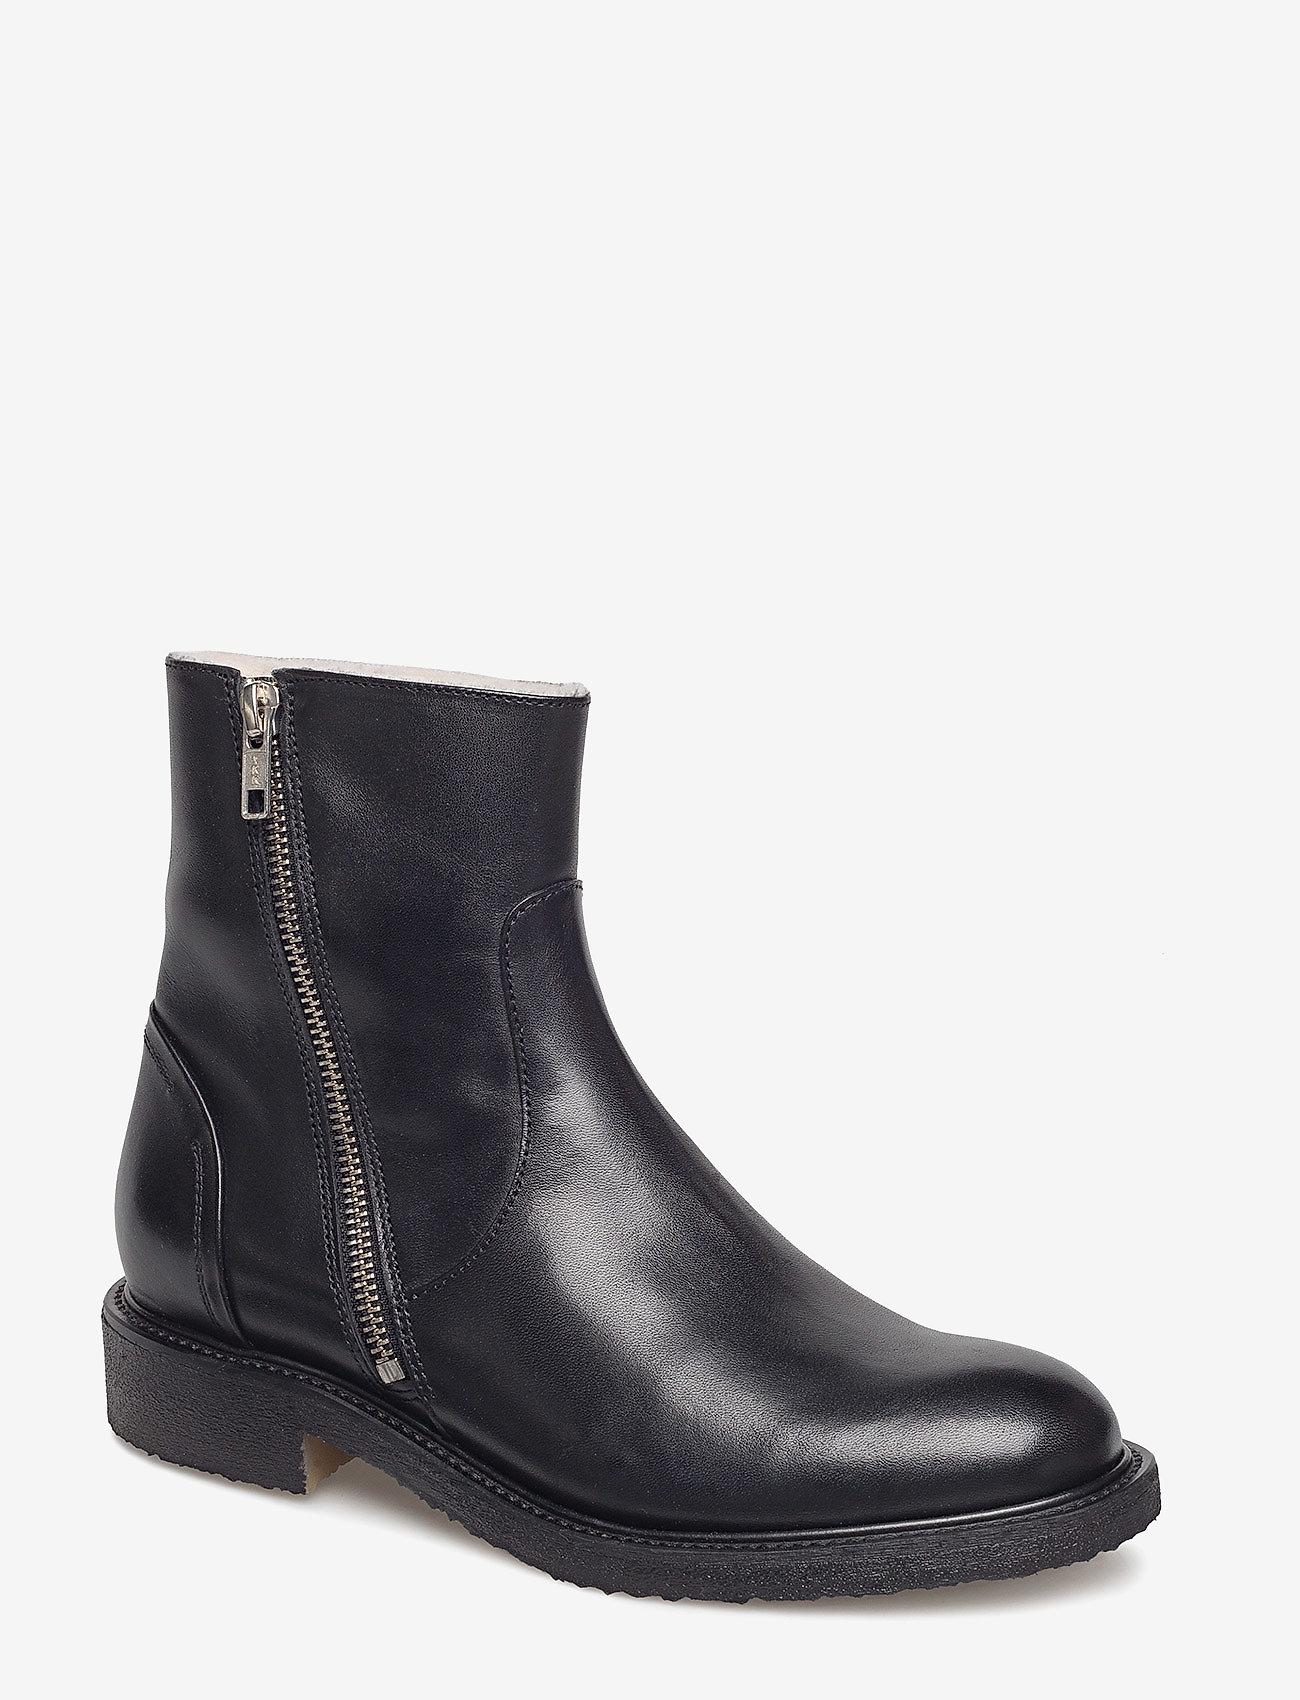 Billi Bi - Boots 913102 - flat ankle boots - black calf 80 - 1